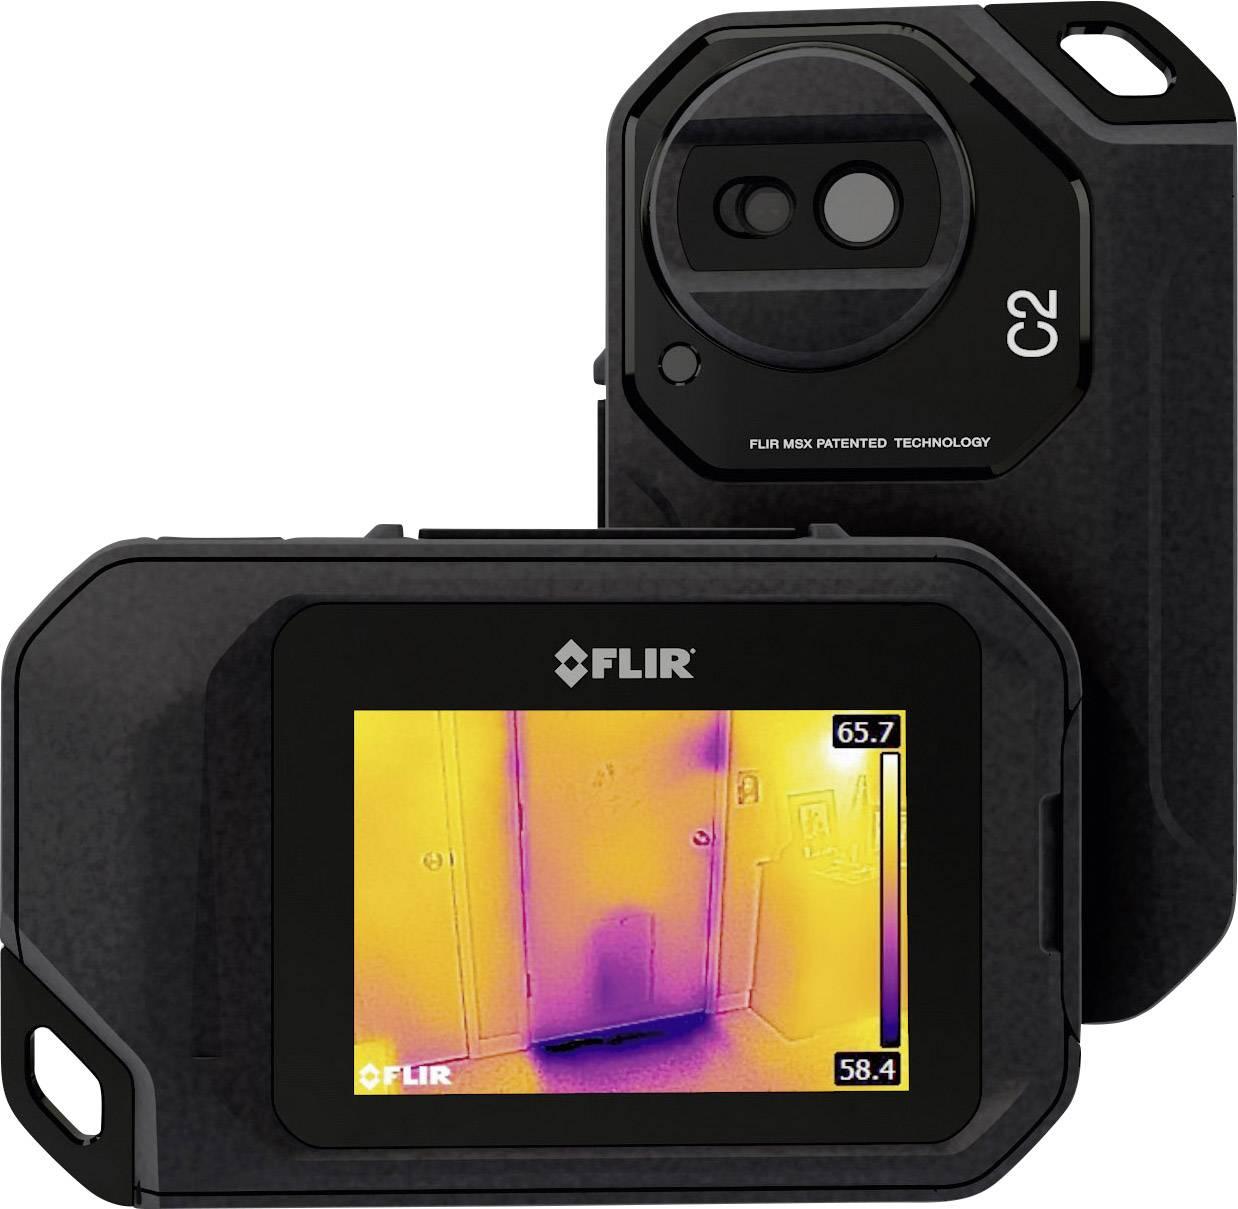 Termálna kamera FLIR C2 72001-0101, 80 x 60 pix